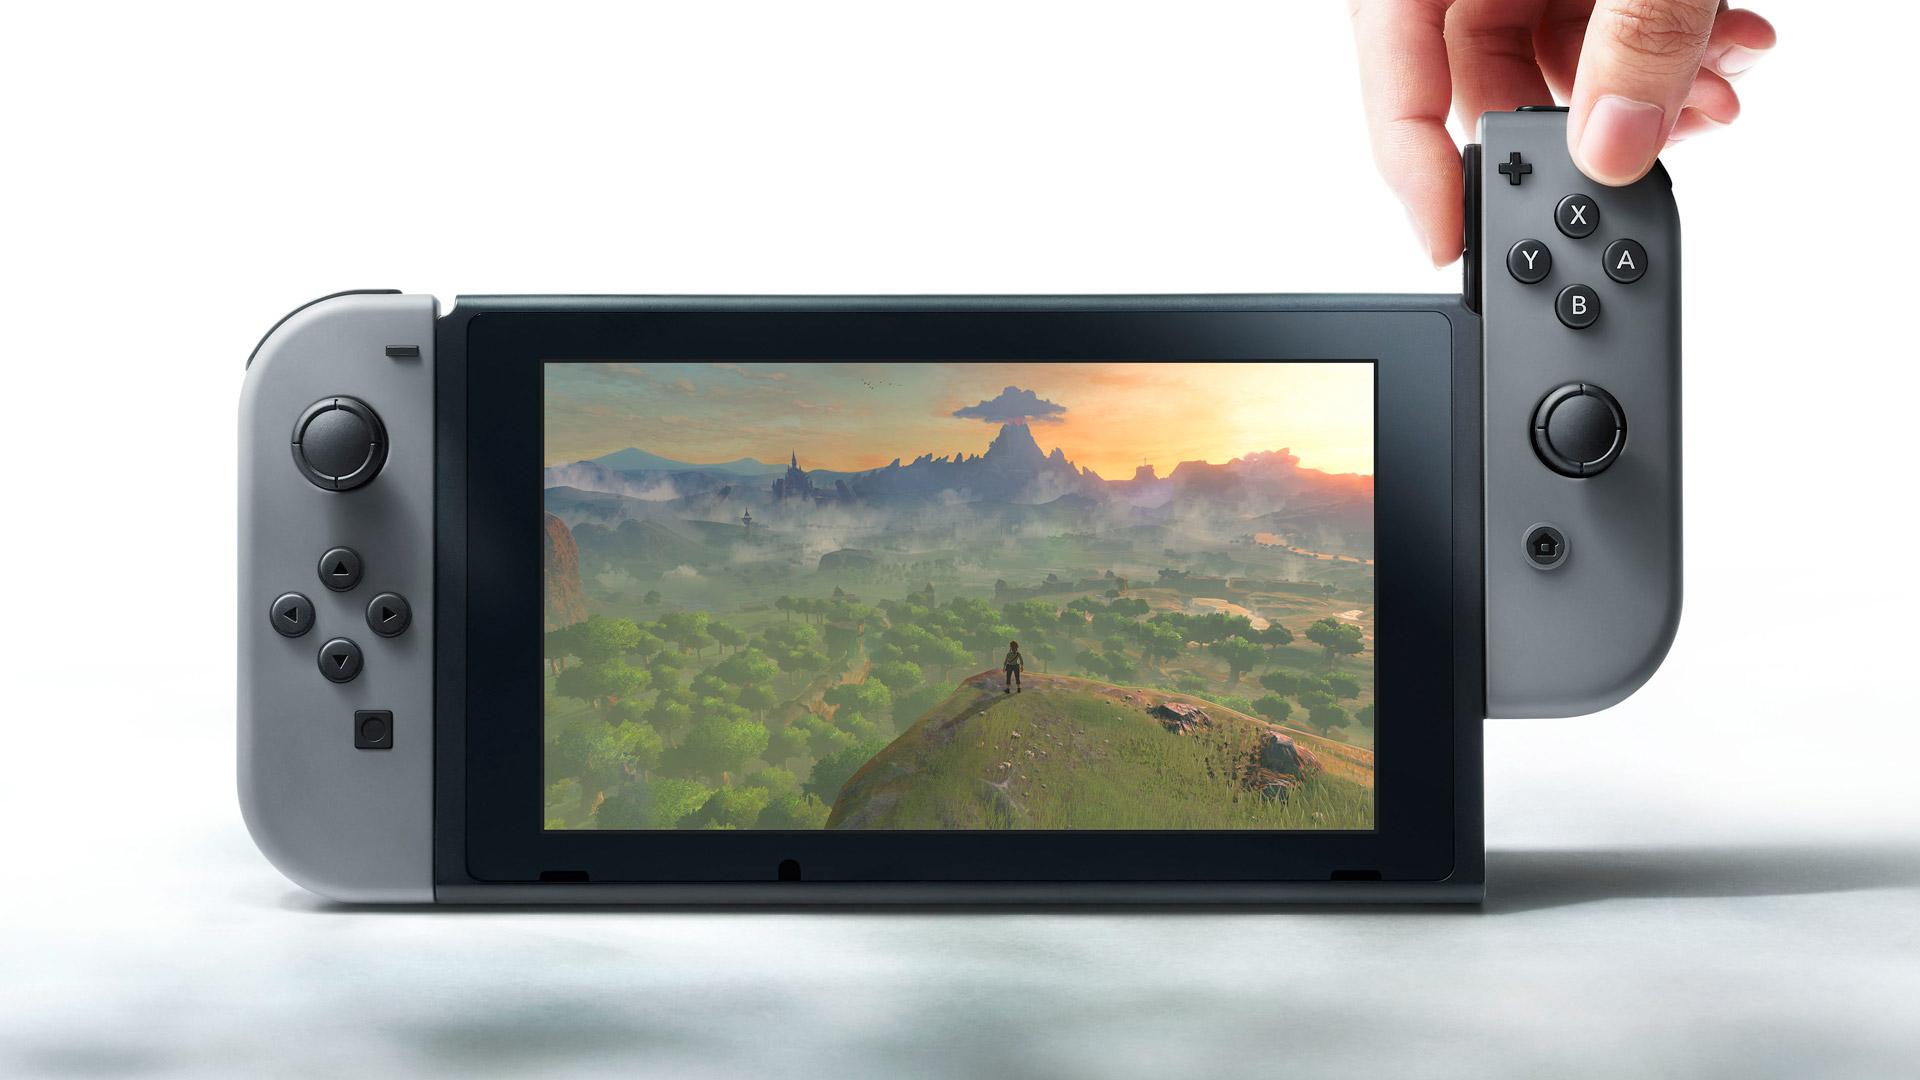 Saham Nintendo Jeblok Setelah Rilis Konsol Game Terbaru